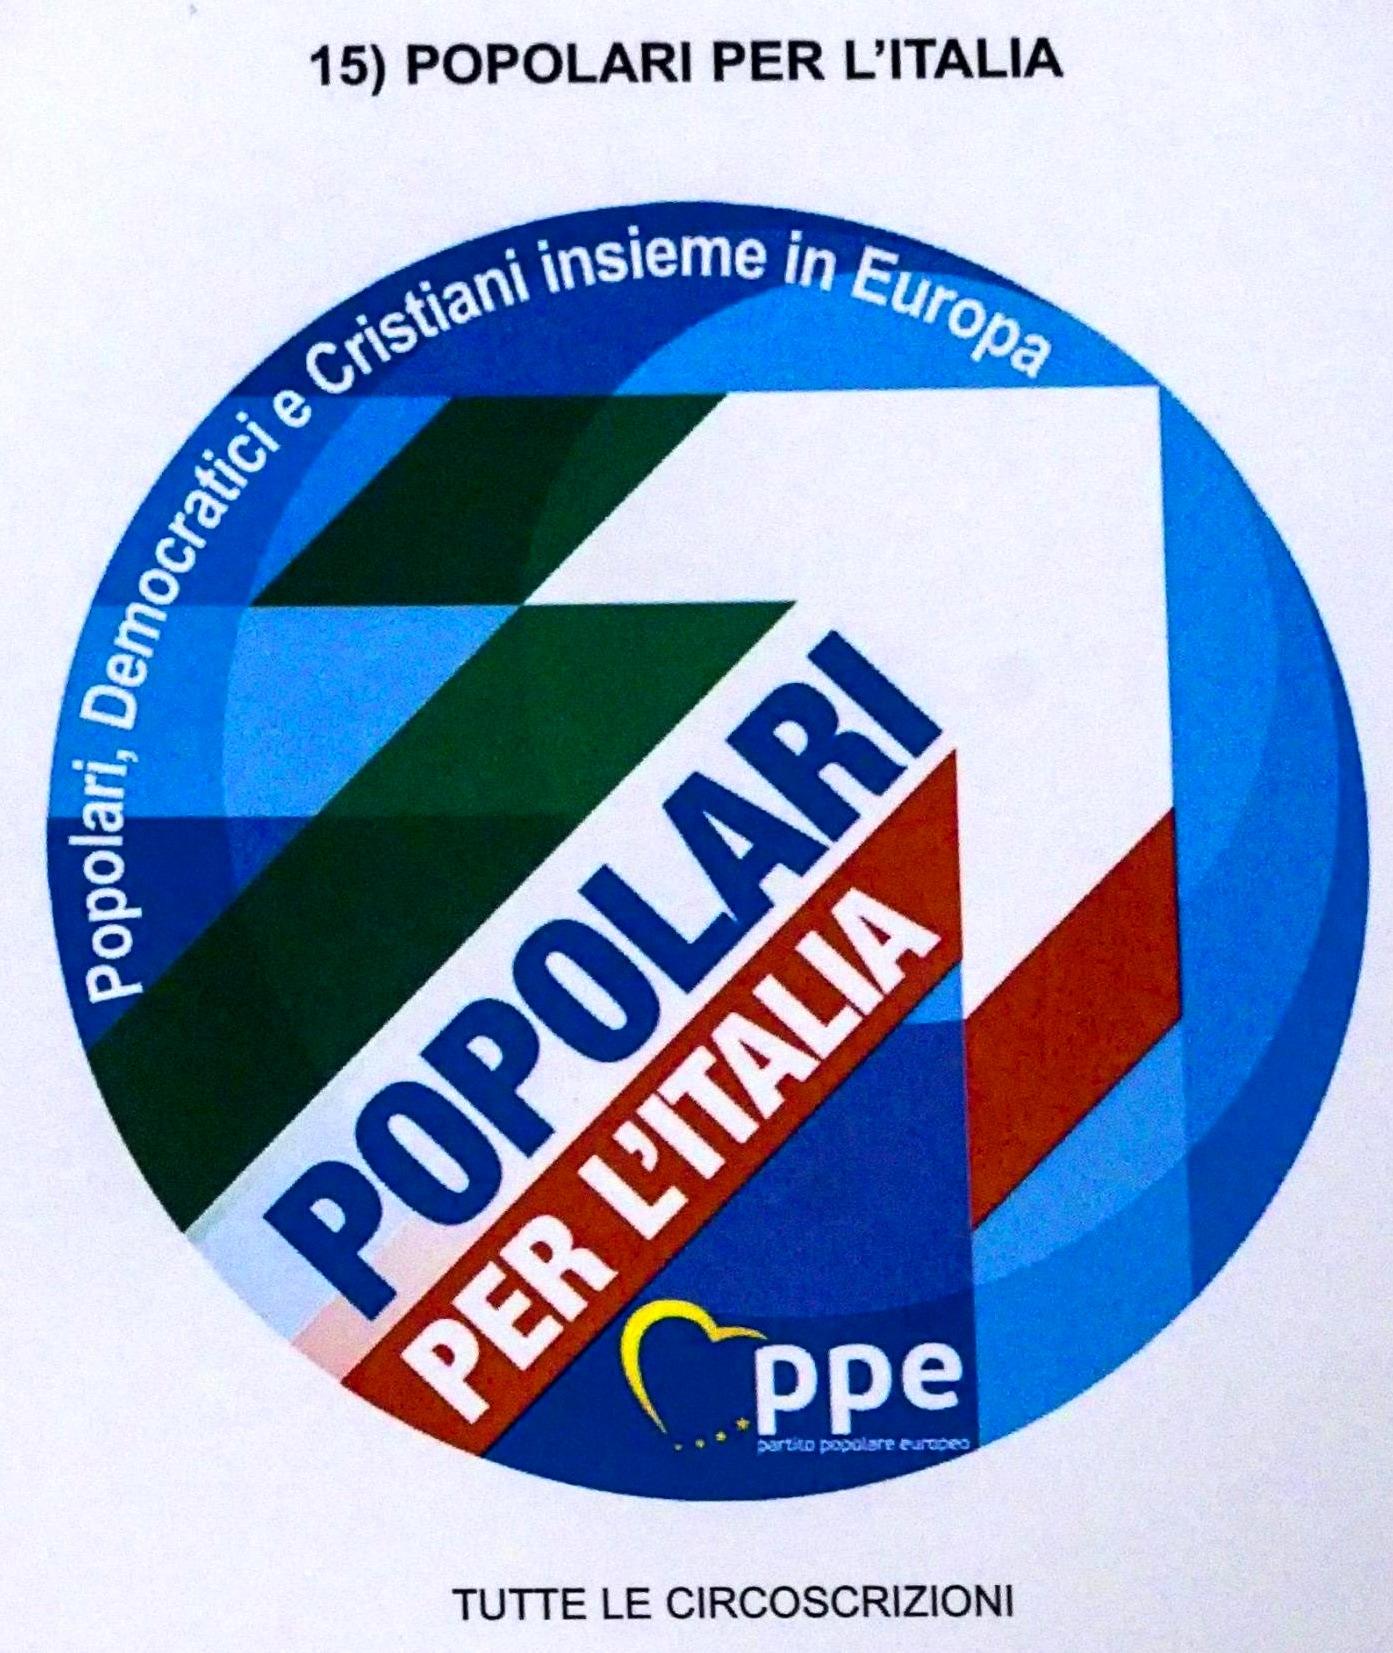 popolari per italia elezioni europee